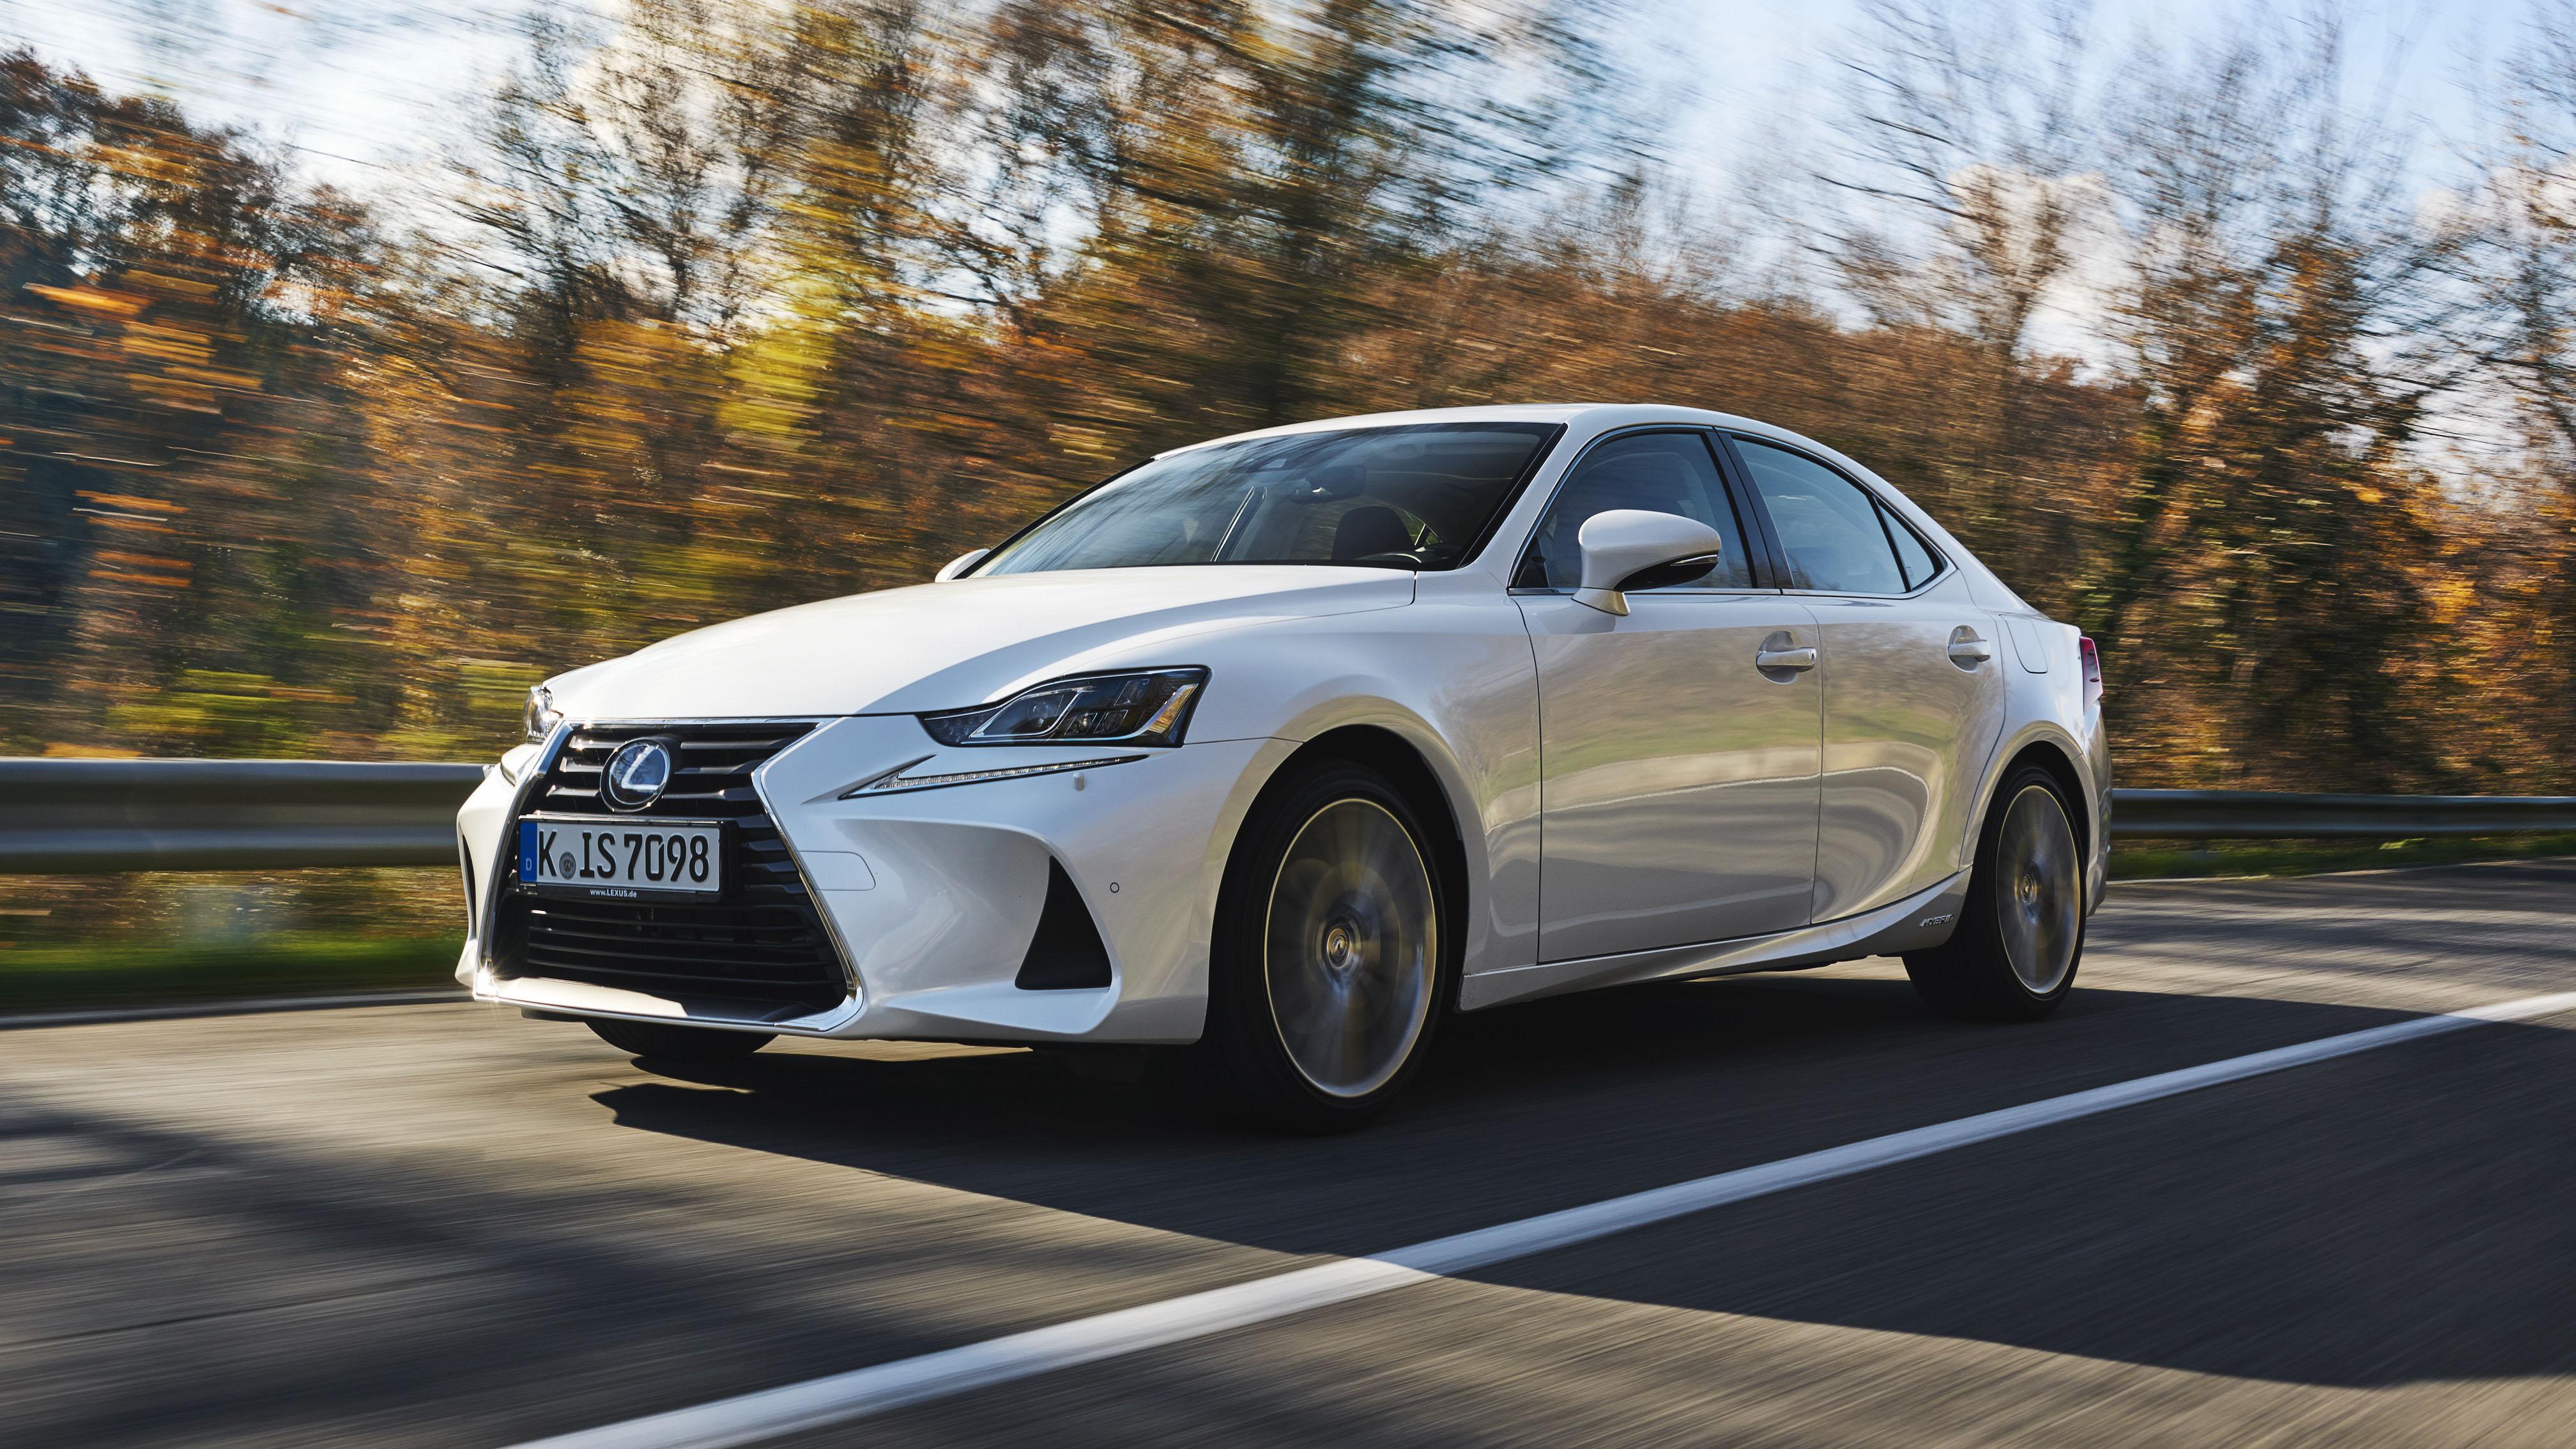 2017 Lexus IS 300h dynamic front quarter